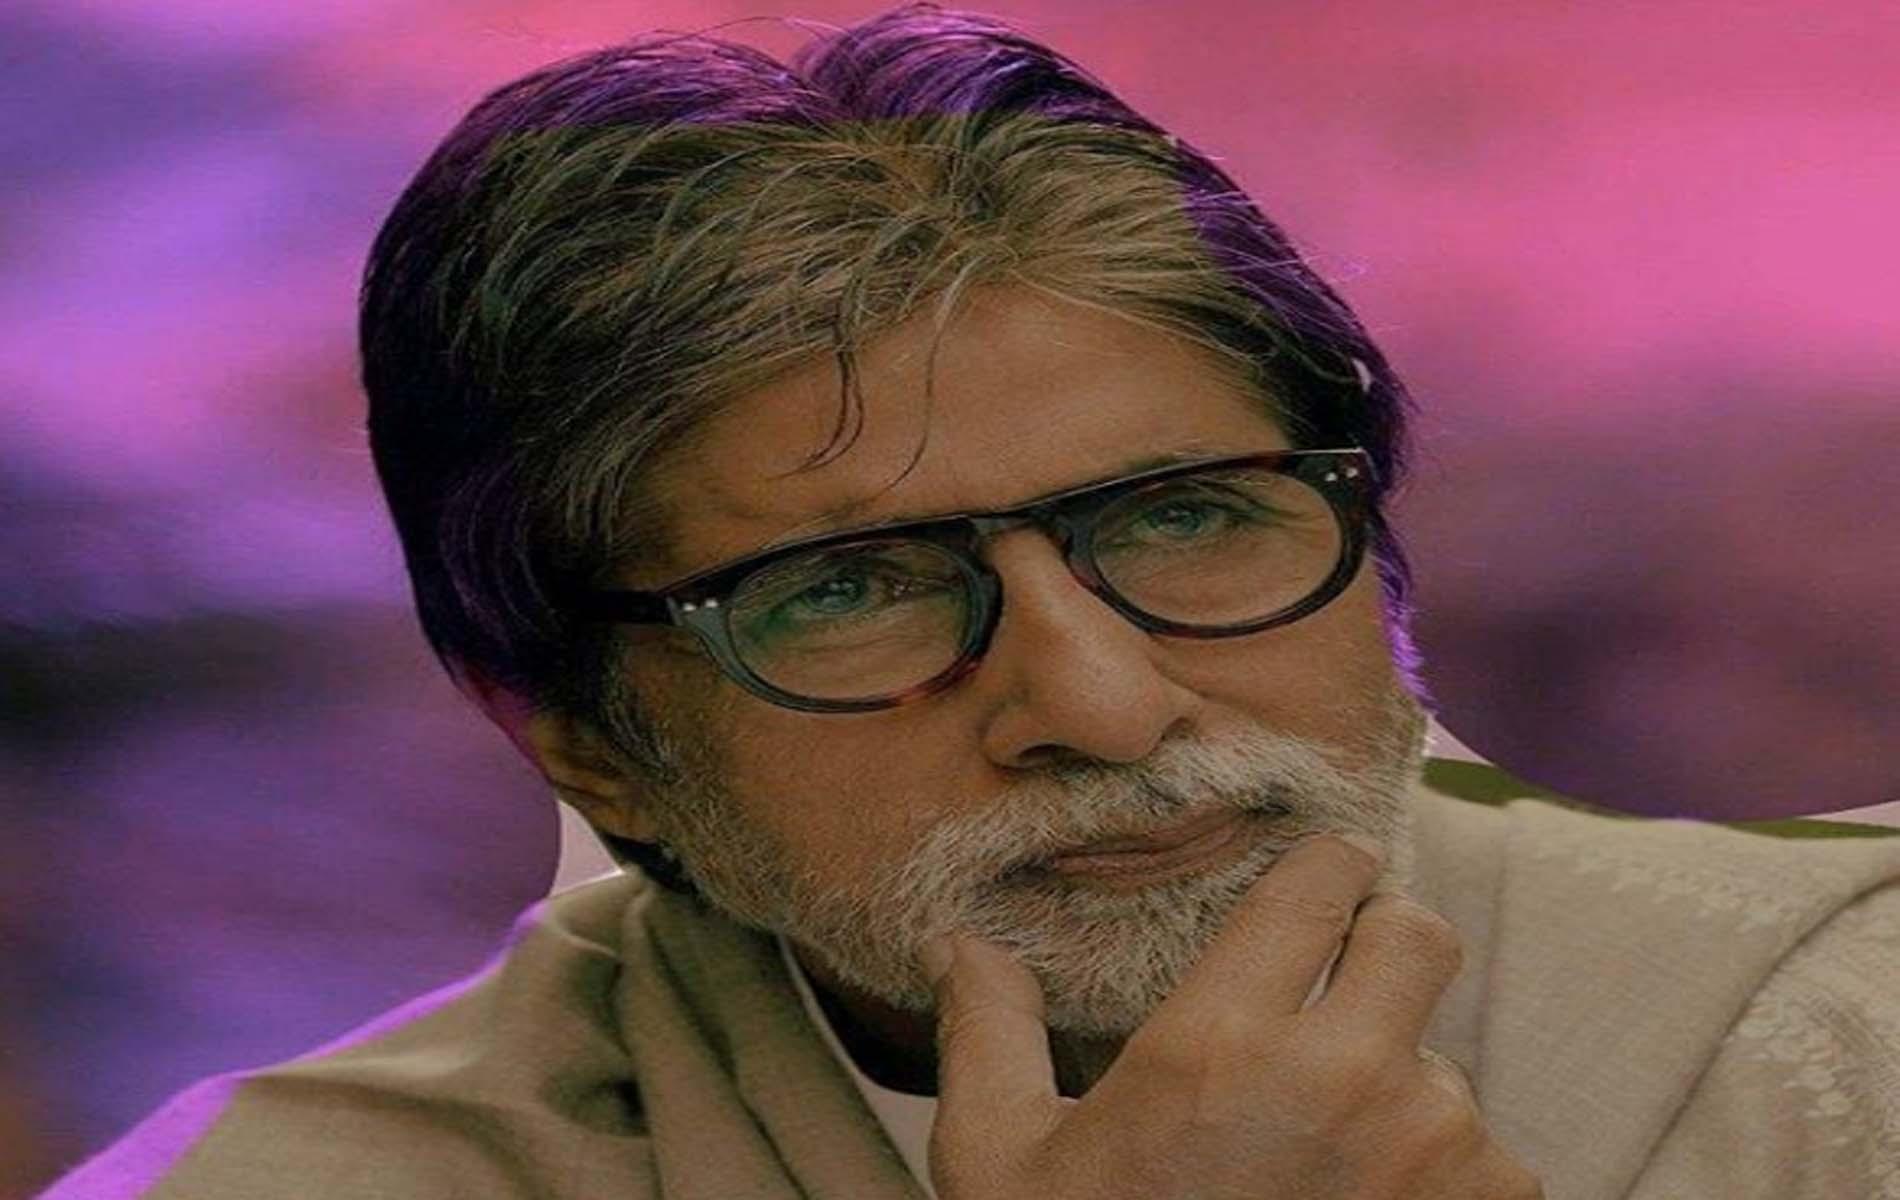 अमिताभ बच्चन ने ख़ास कैप्शन के साथ शेयर की पोस्ट! हो गई Viral, कुछ ही घंटों में मिले लाखों लाइक